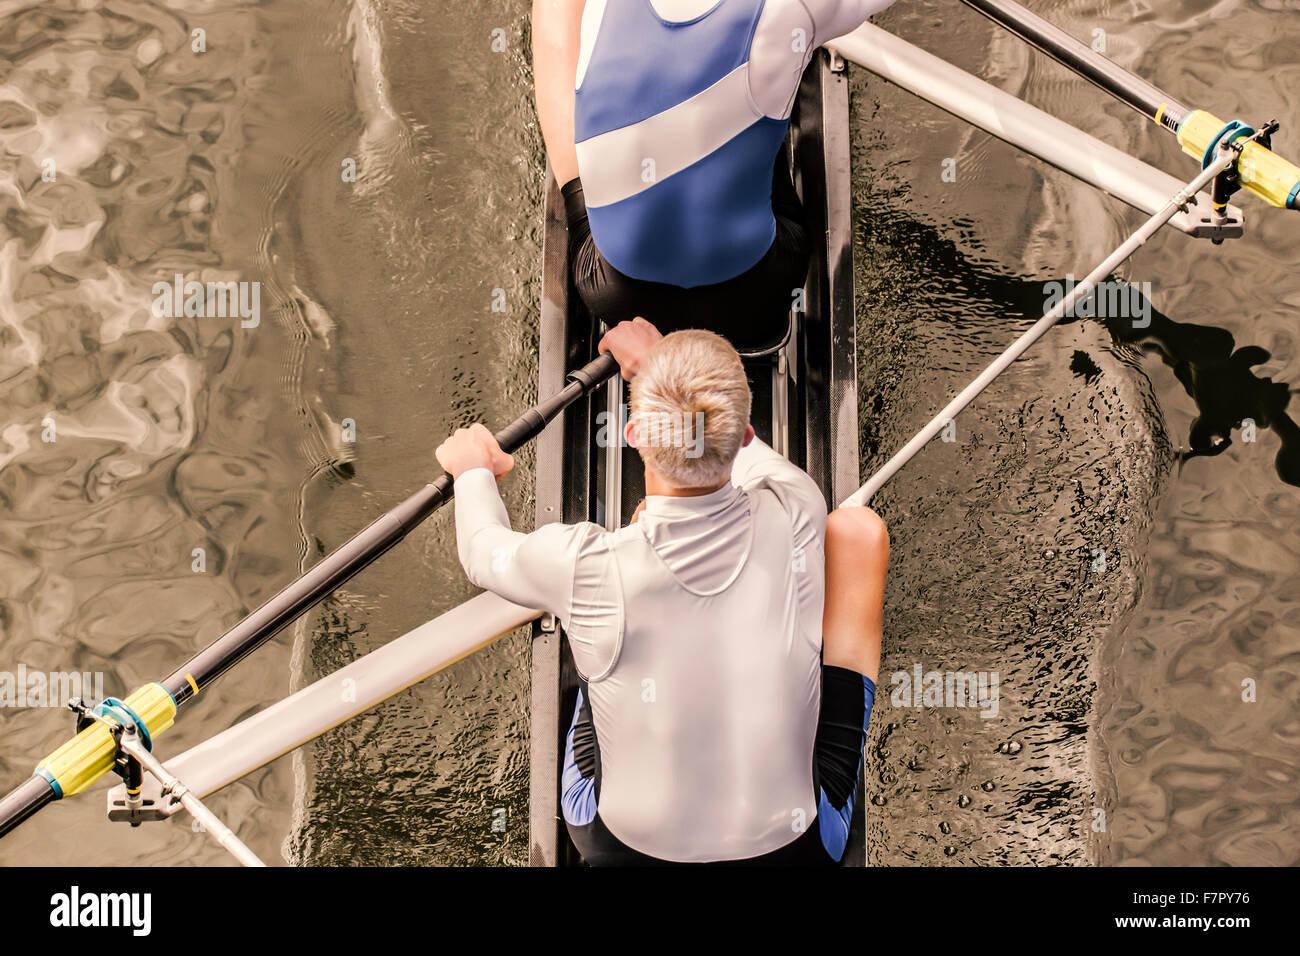 Draufsicht der zwei sportlichen Wettkampf Ruderer, die ihre Paddel durch das Wasser zu streicheln. Stockbild